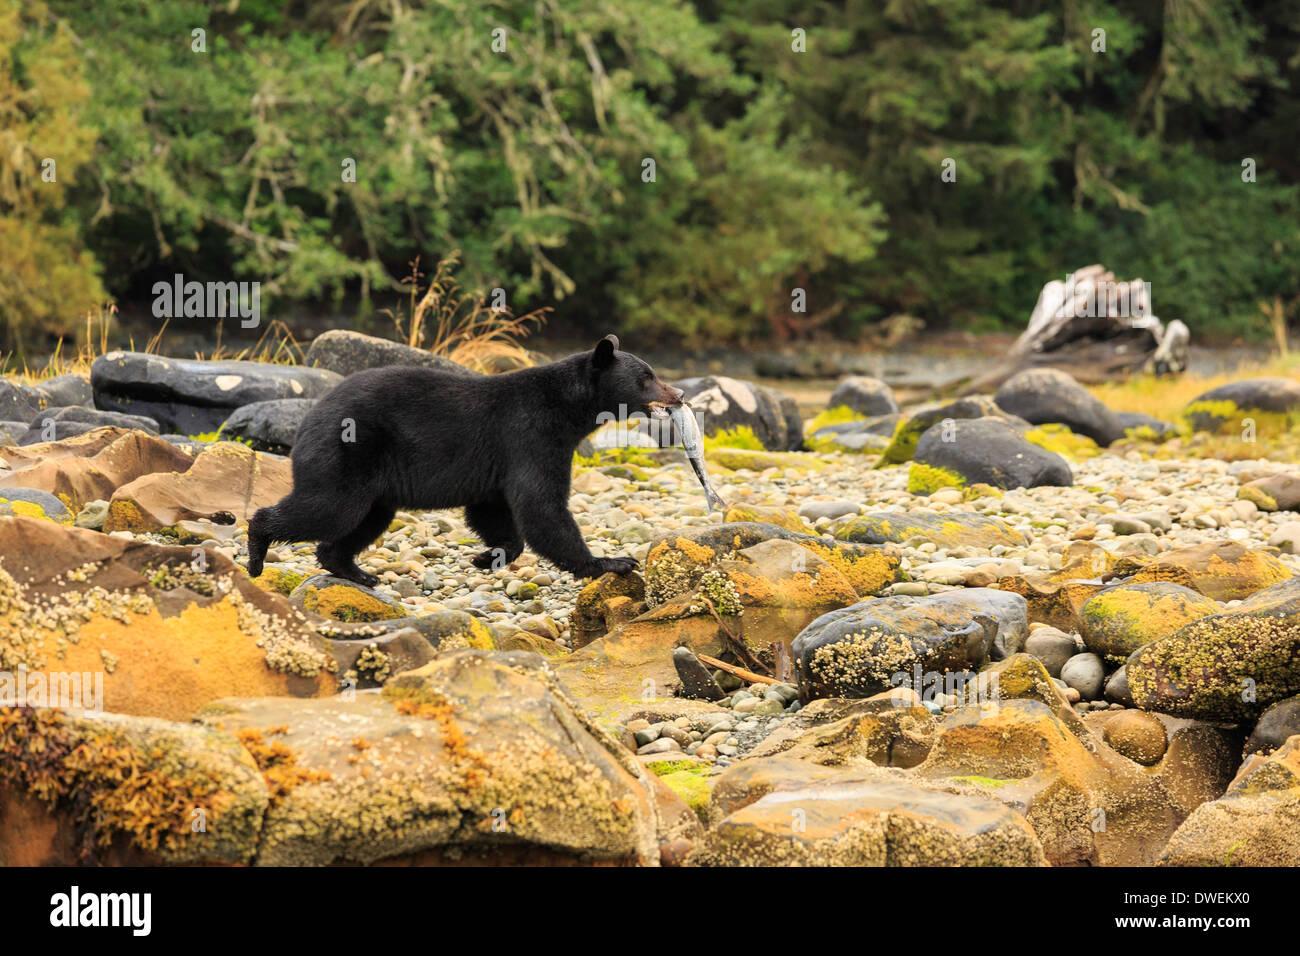 Un orso nero porta il suo pesce appena pescato lungo la fascia costiera beach sull'Isola di Vancouver. Immagini Stock